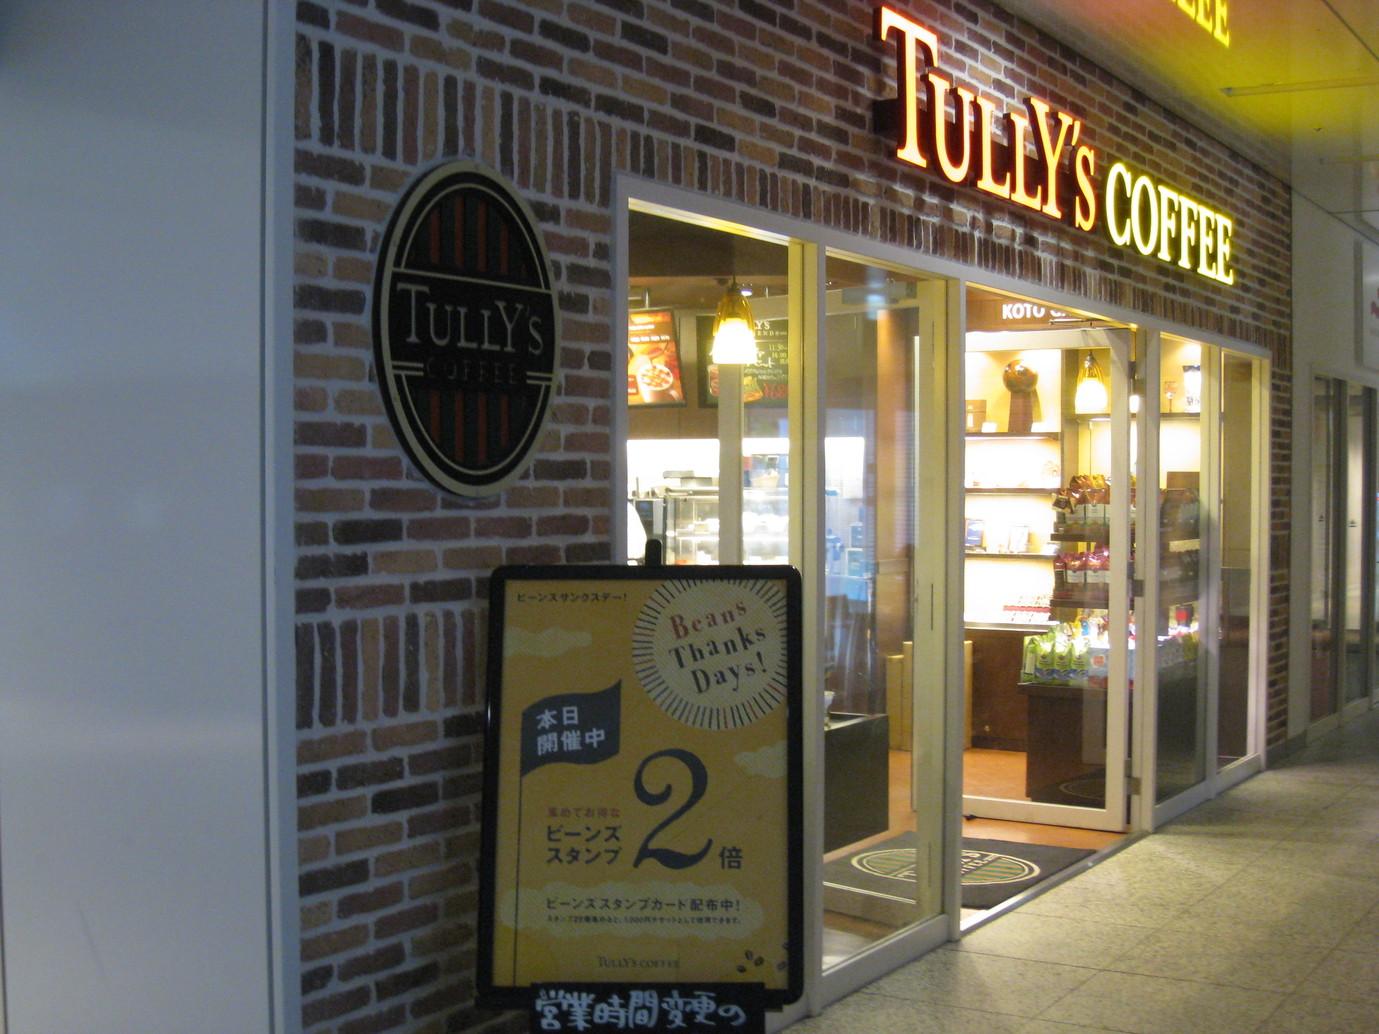 タリーズコーヒー 豊洲フロント店